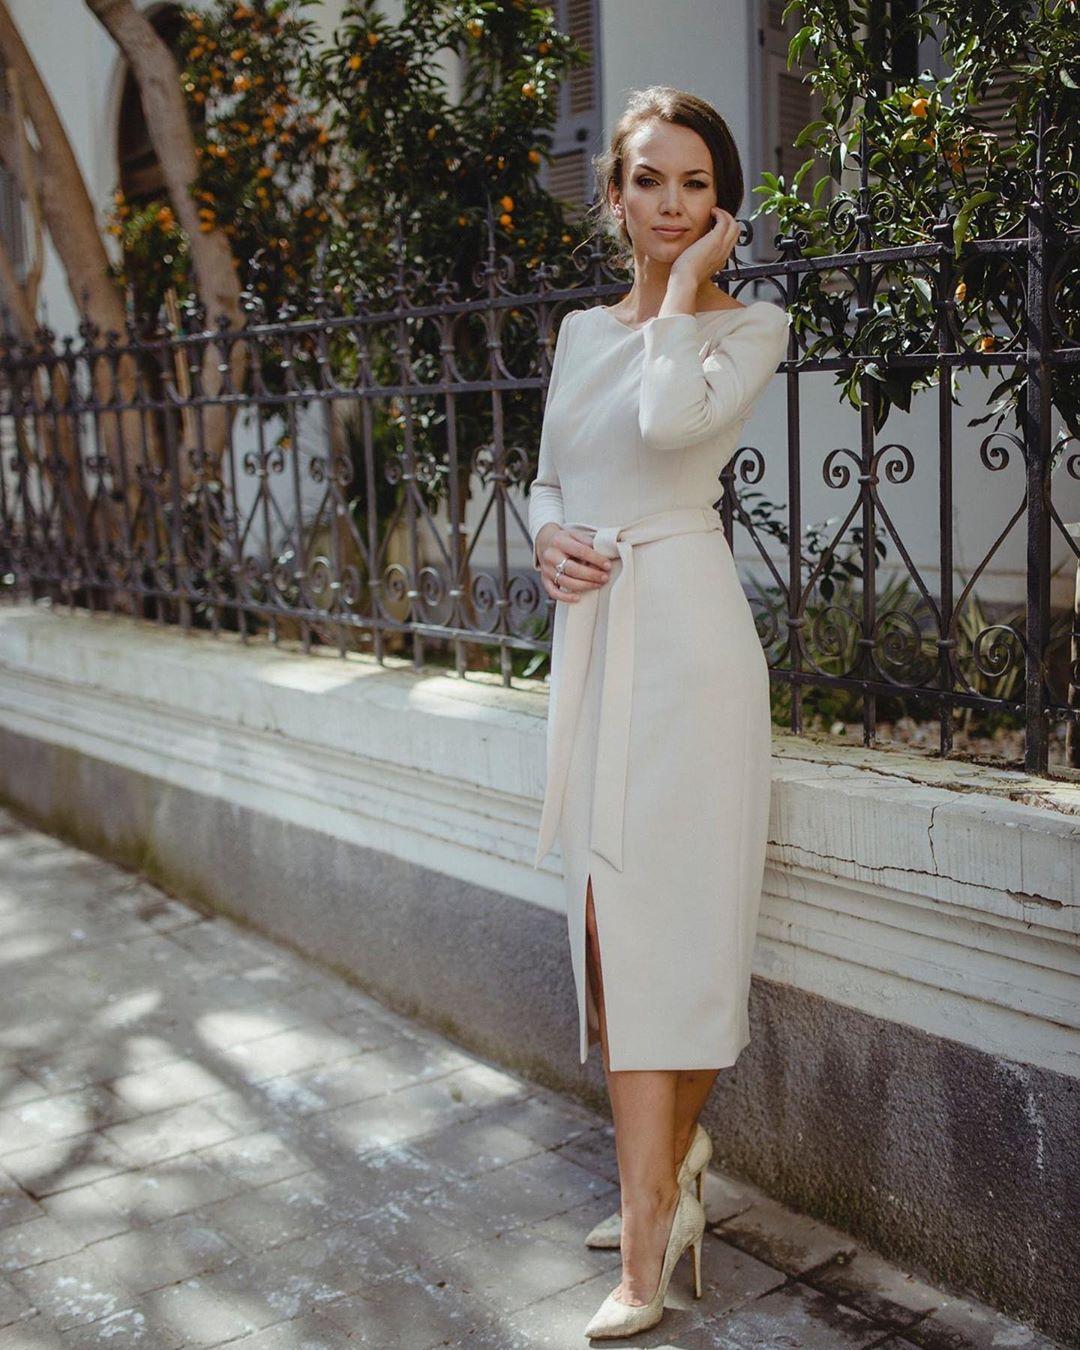 модные образы для бизнес-леди осень 2019 фото 10